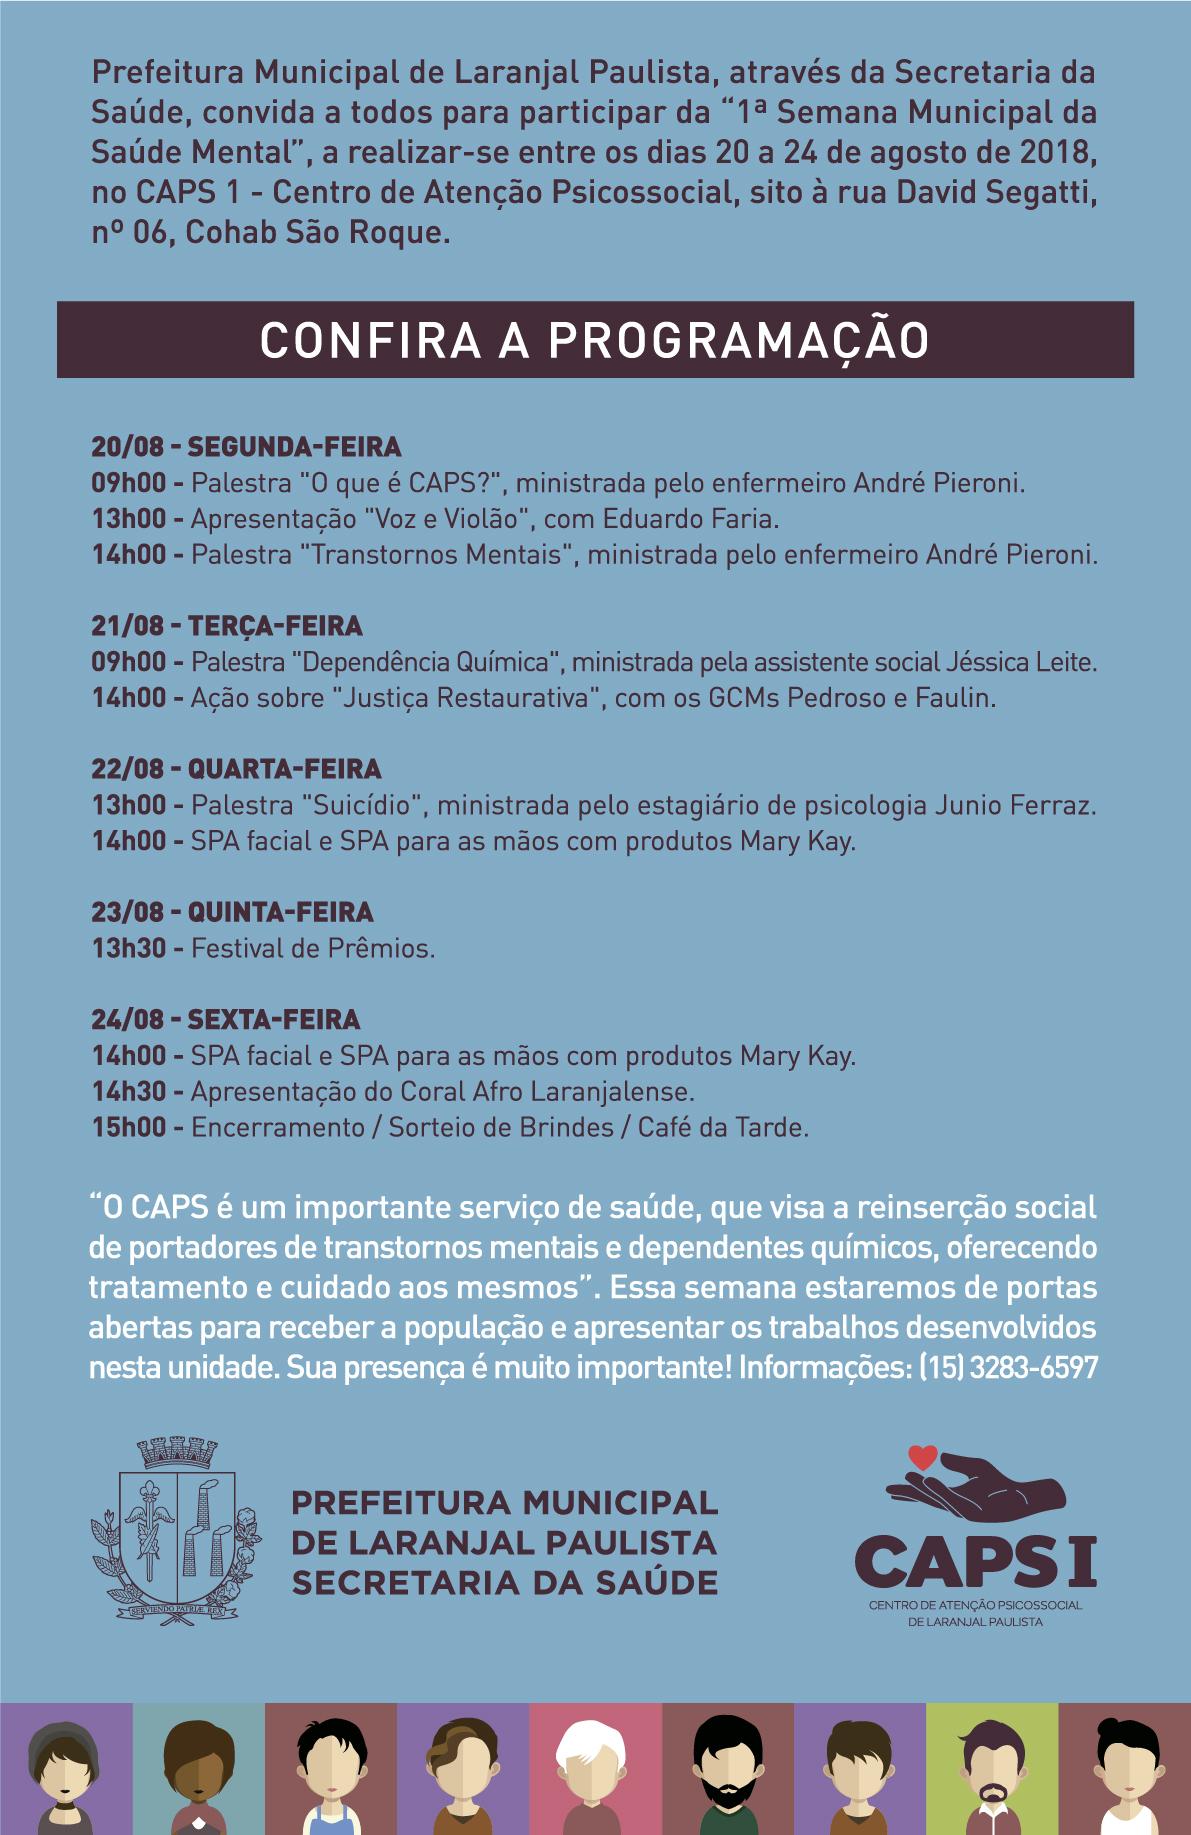 """Confira a programação da """"1ª Semana Municipal da Saúde Mental"""" e participe!"""